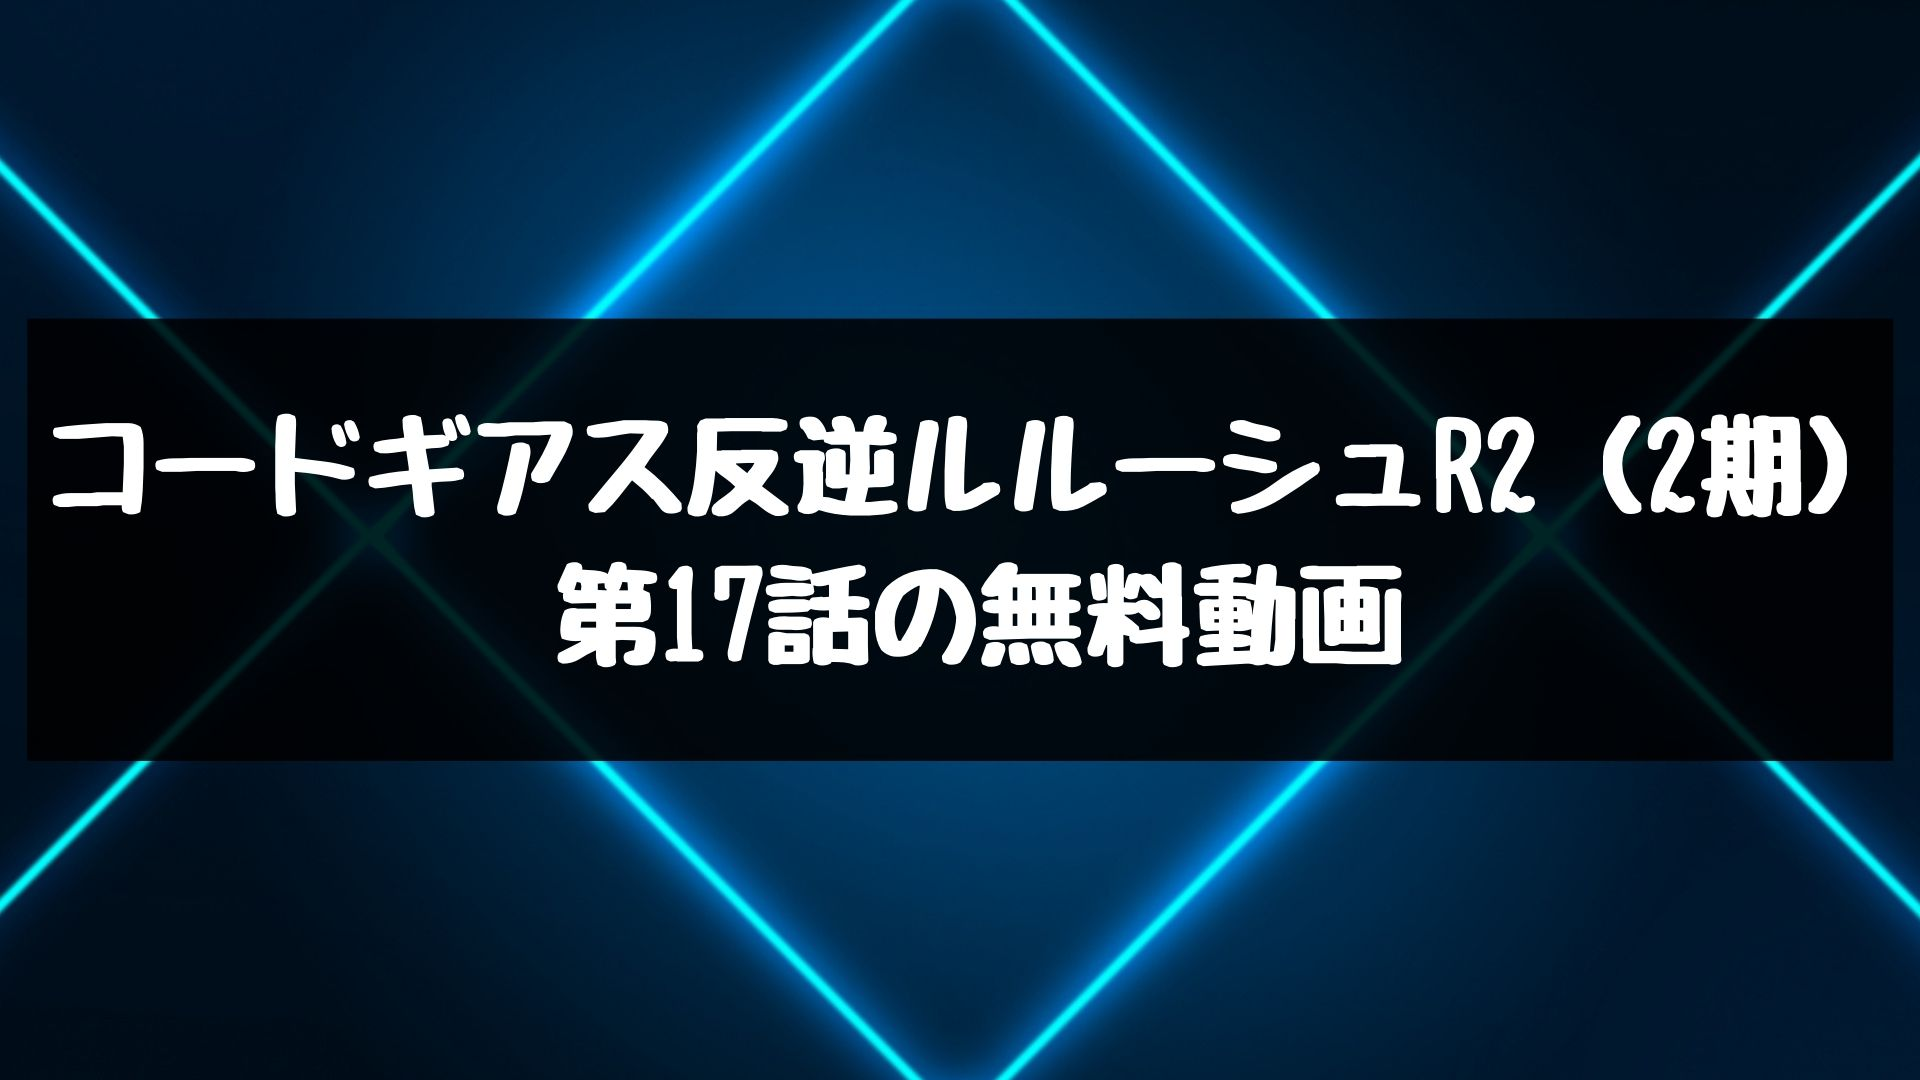 コードギアス反逆ルルーシュR2(2期) 第17話の無料動画